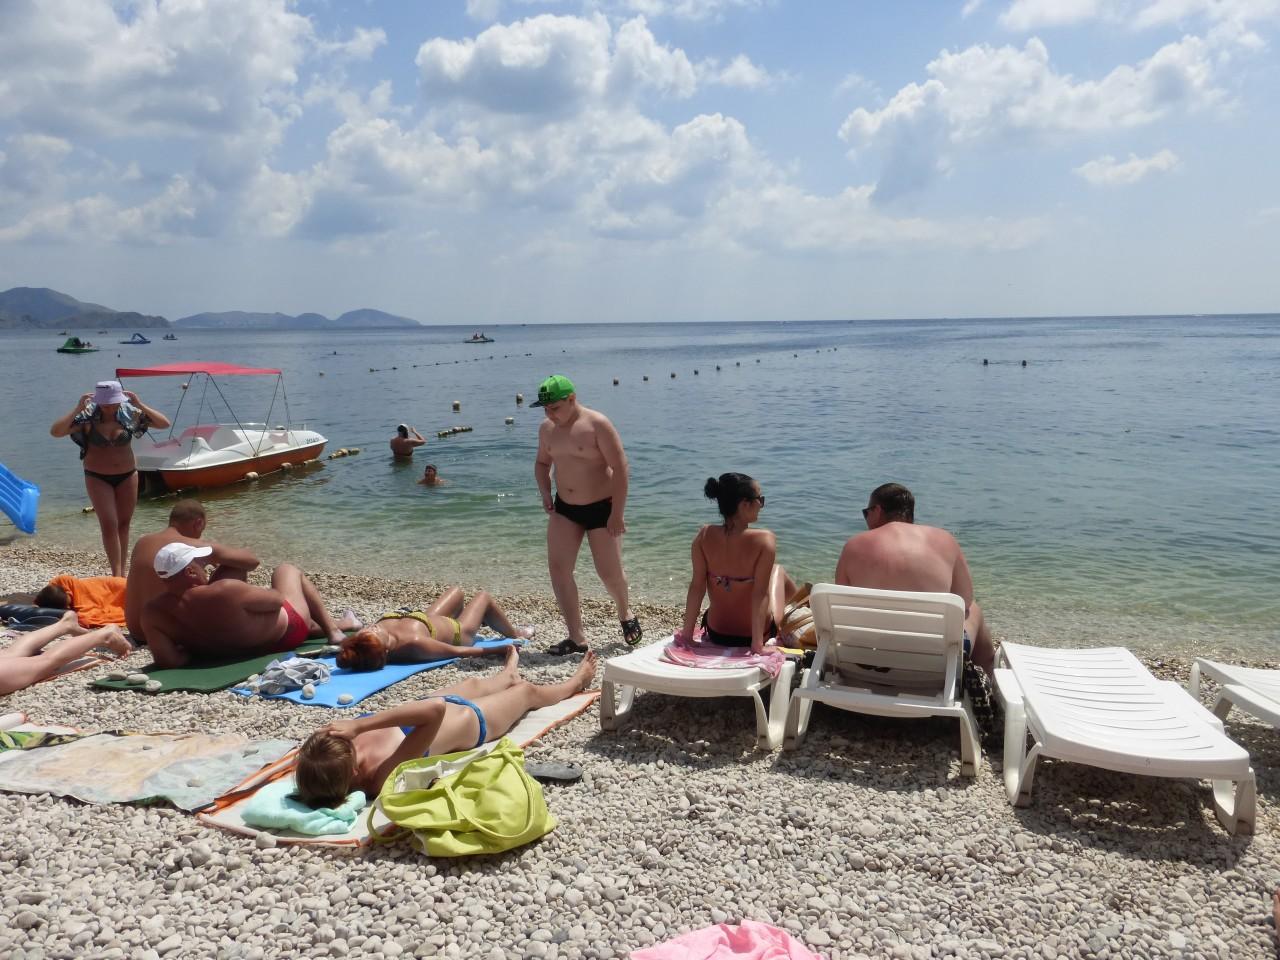 Русские пьяные на пляже, Русское пьяное порно на 24 фотография